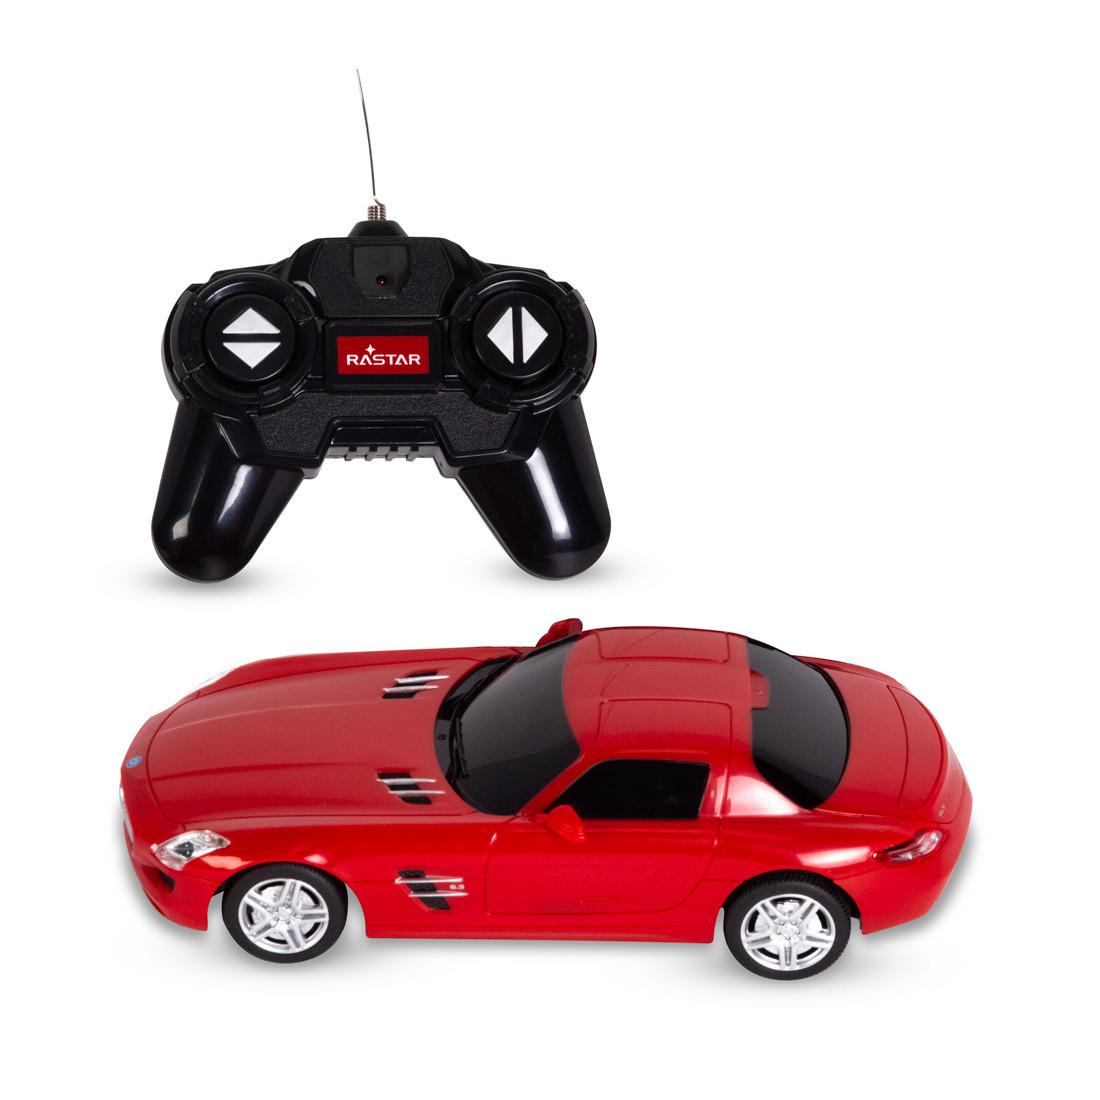 Радиоуправляемая модель автомобиль Rastar Mercedes-Benz SLS AMG, 1:24, Управление: Джойстик, Материал: Пластик